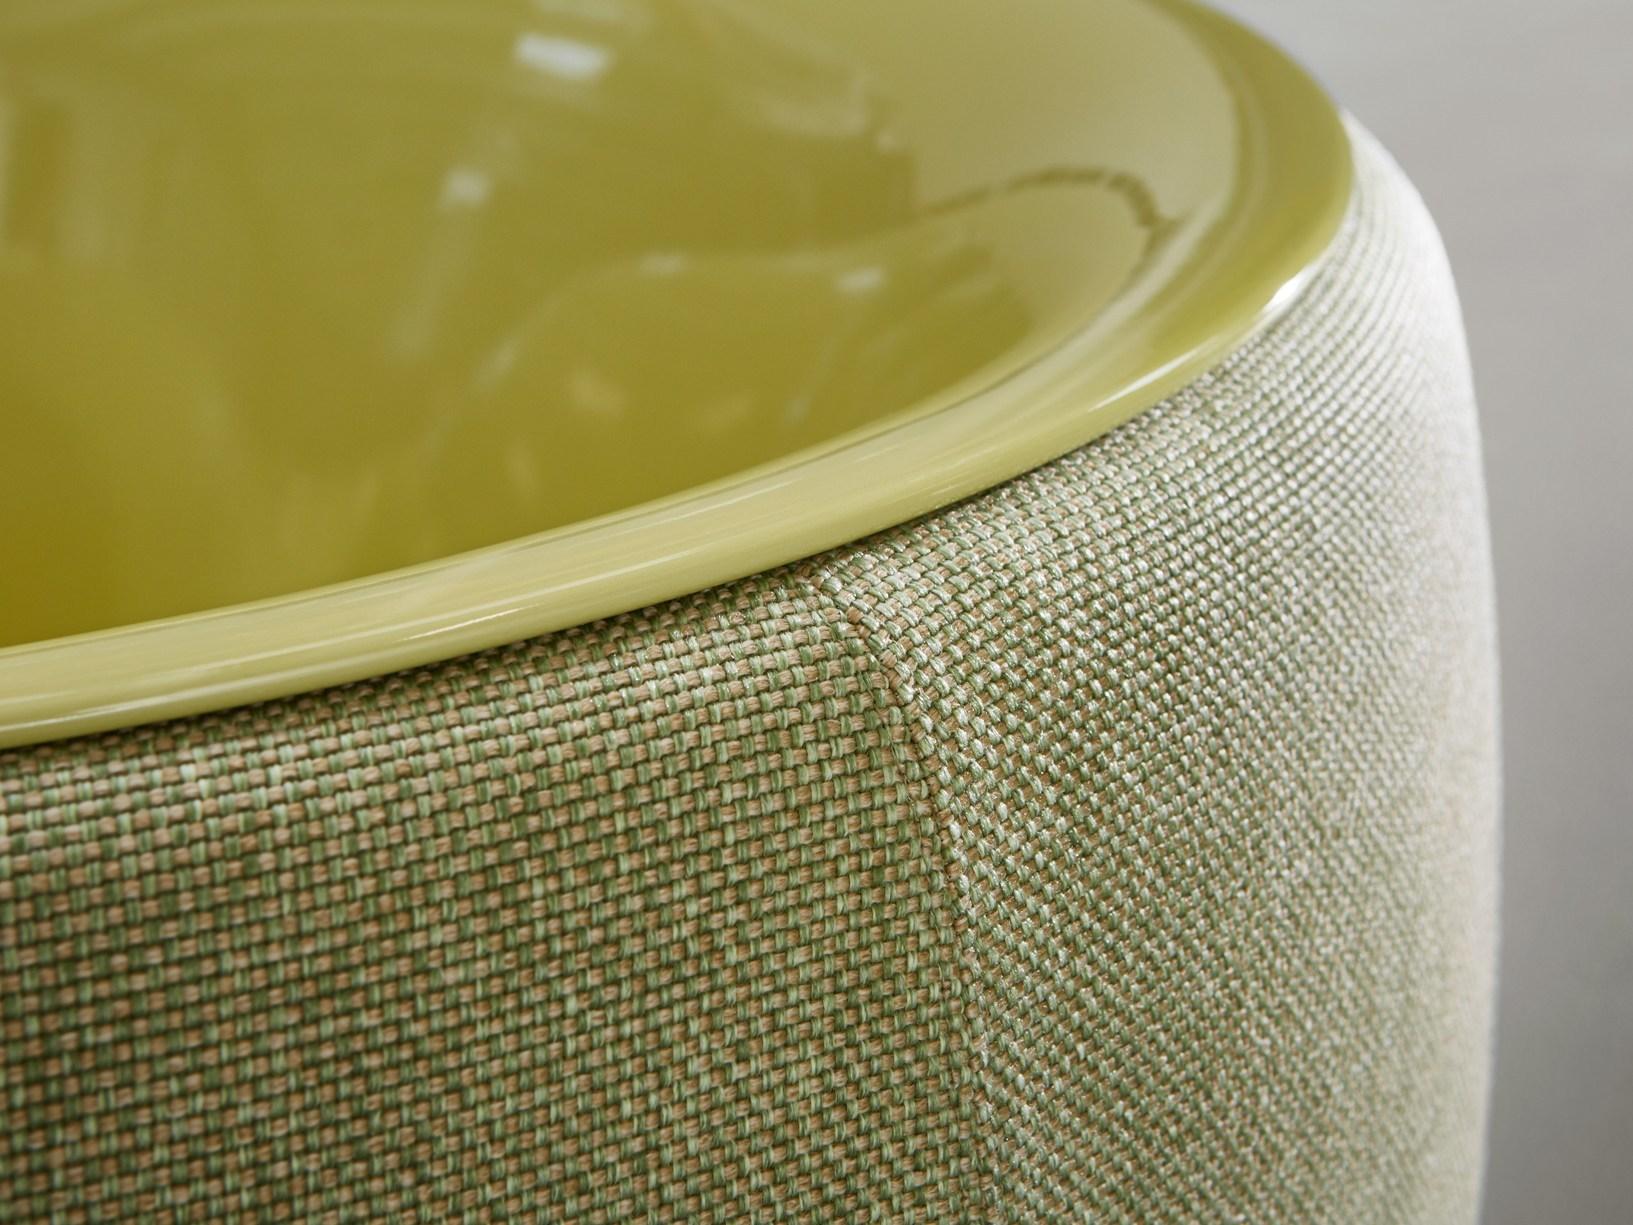 Vasca Da Bagno Bette : Acciaio smaltato tessuto per la vasca da bagno